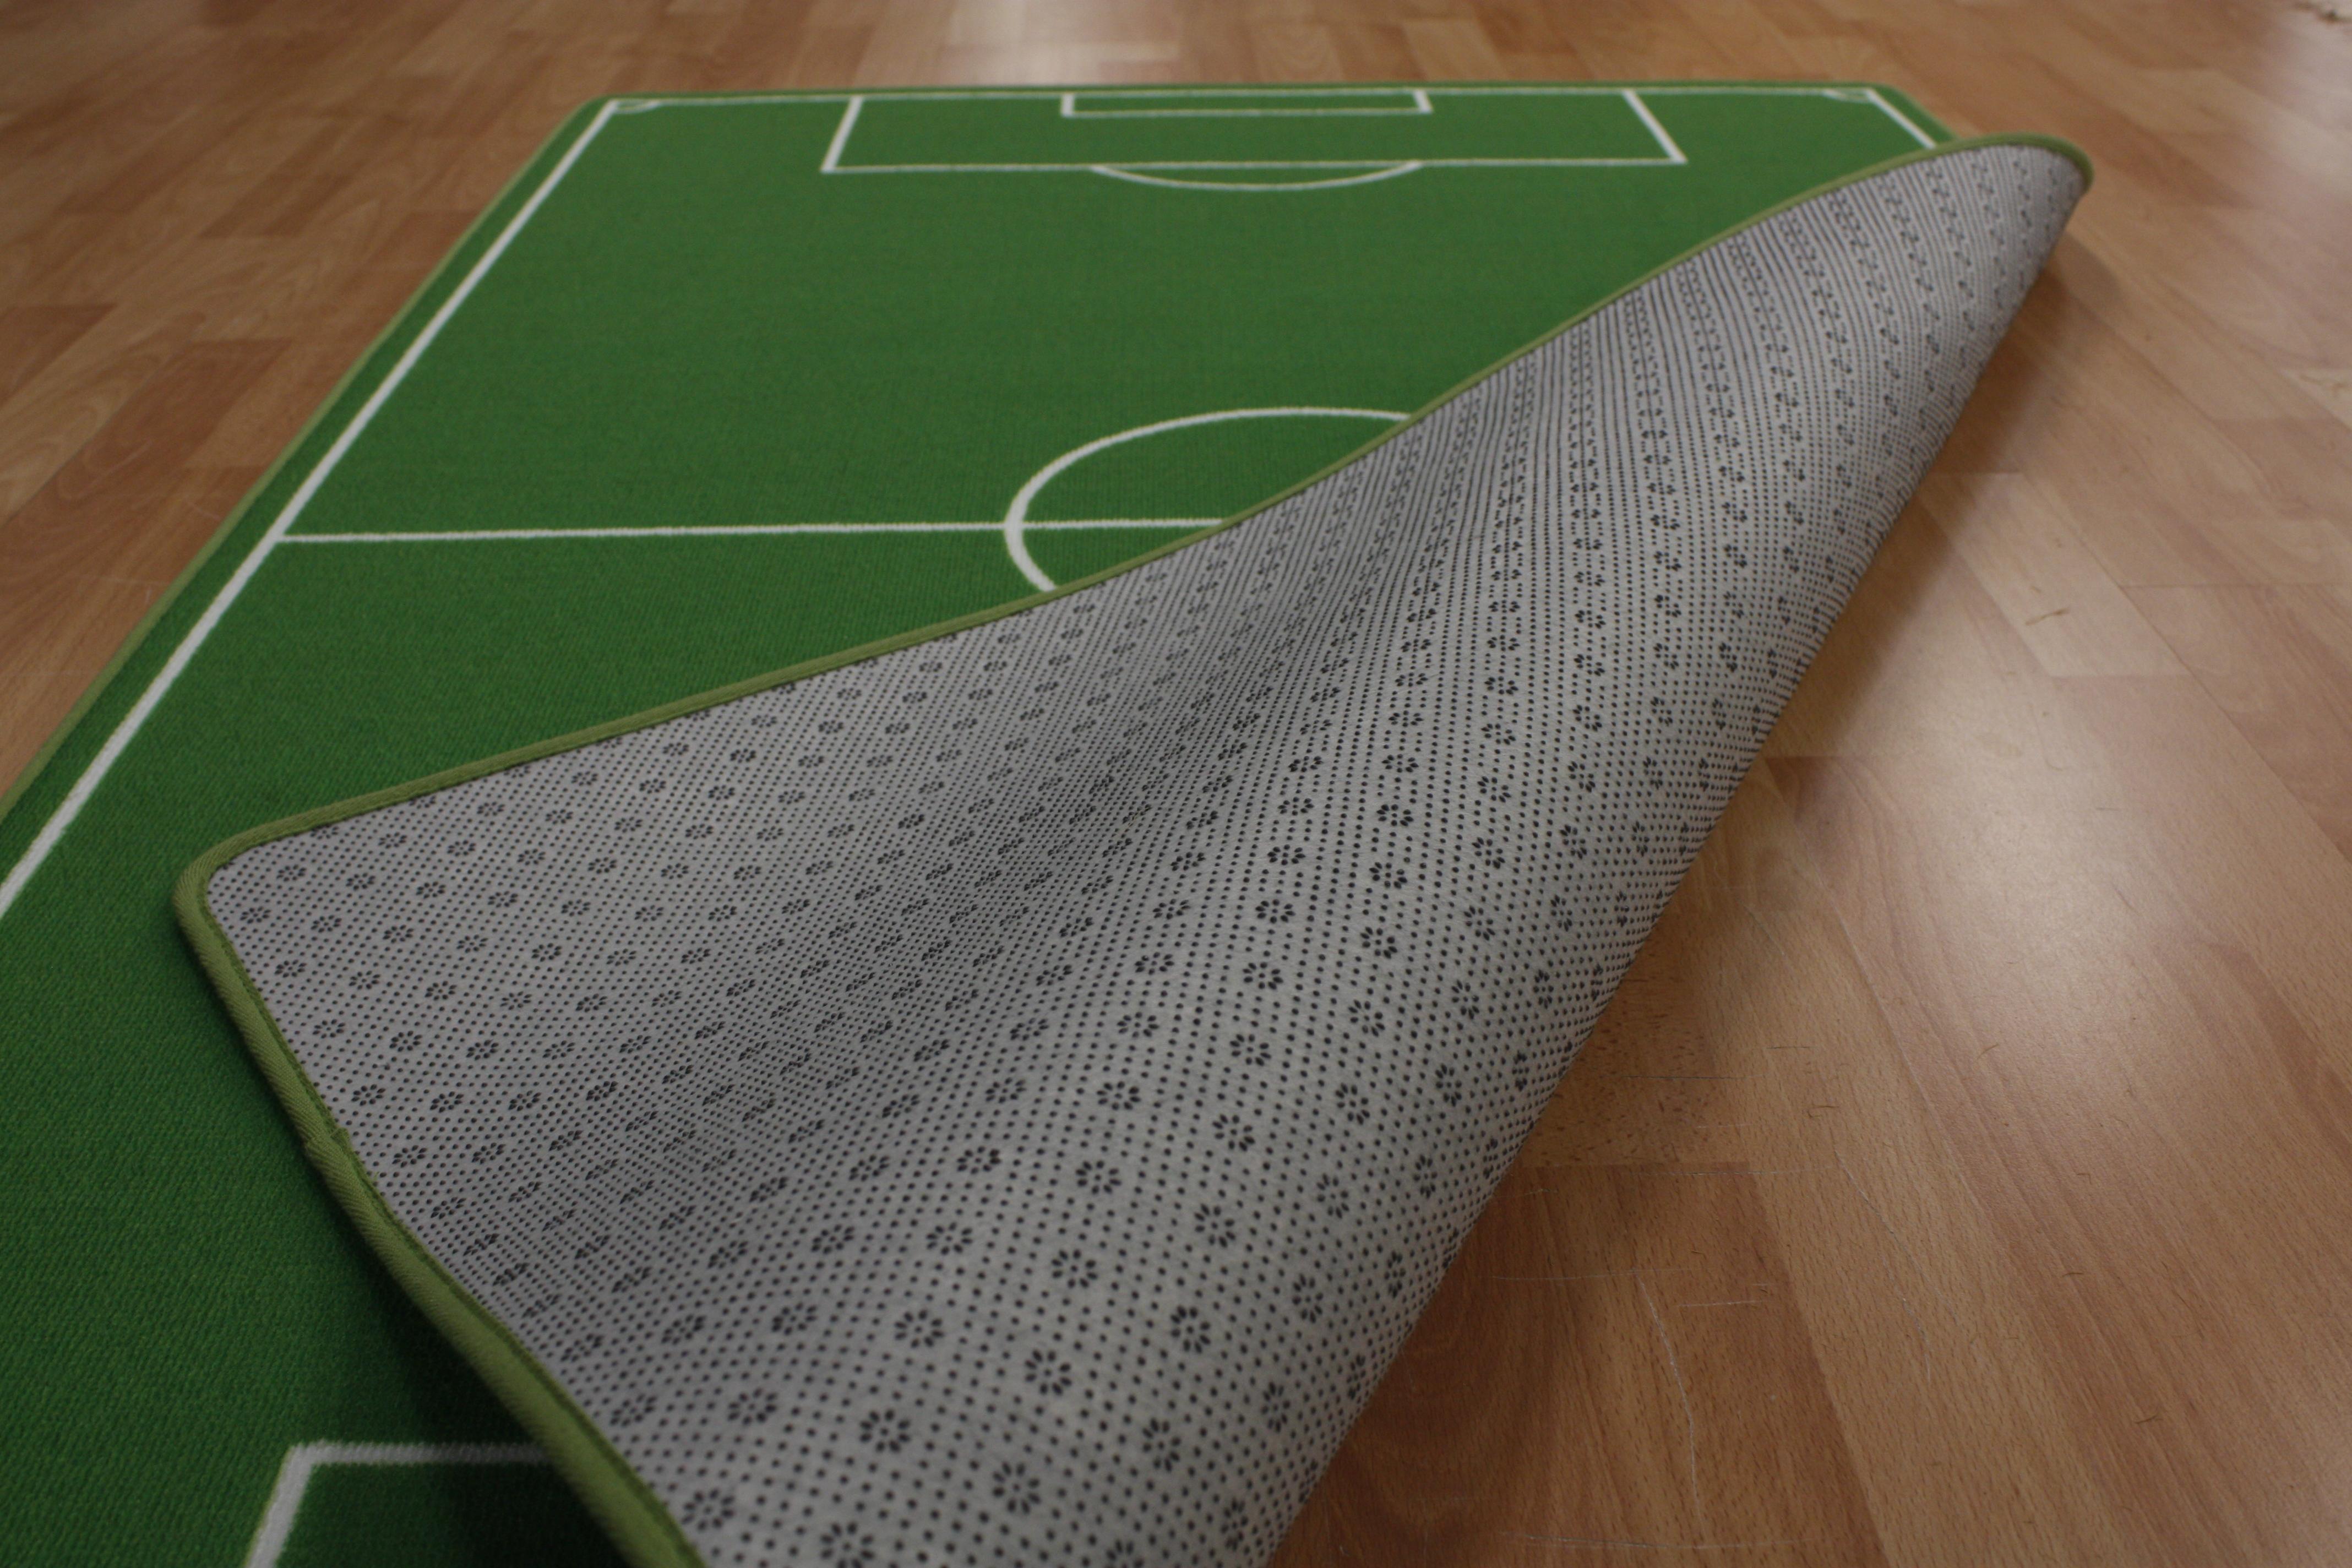 Tappeti Per Bambini Campo Da Calcio : Campo da calcio tappeto bambini giocano tappeto verde 100x160cm ebay